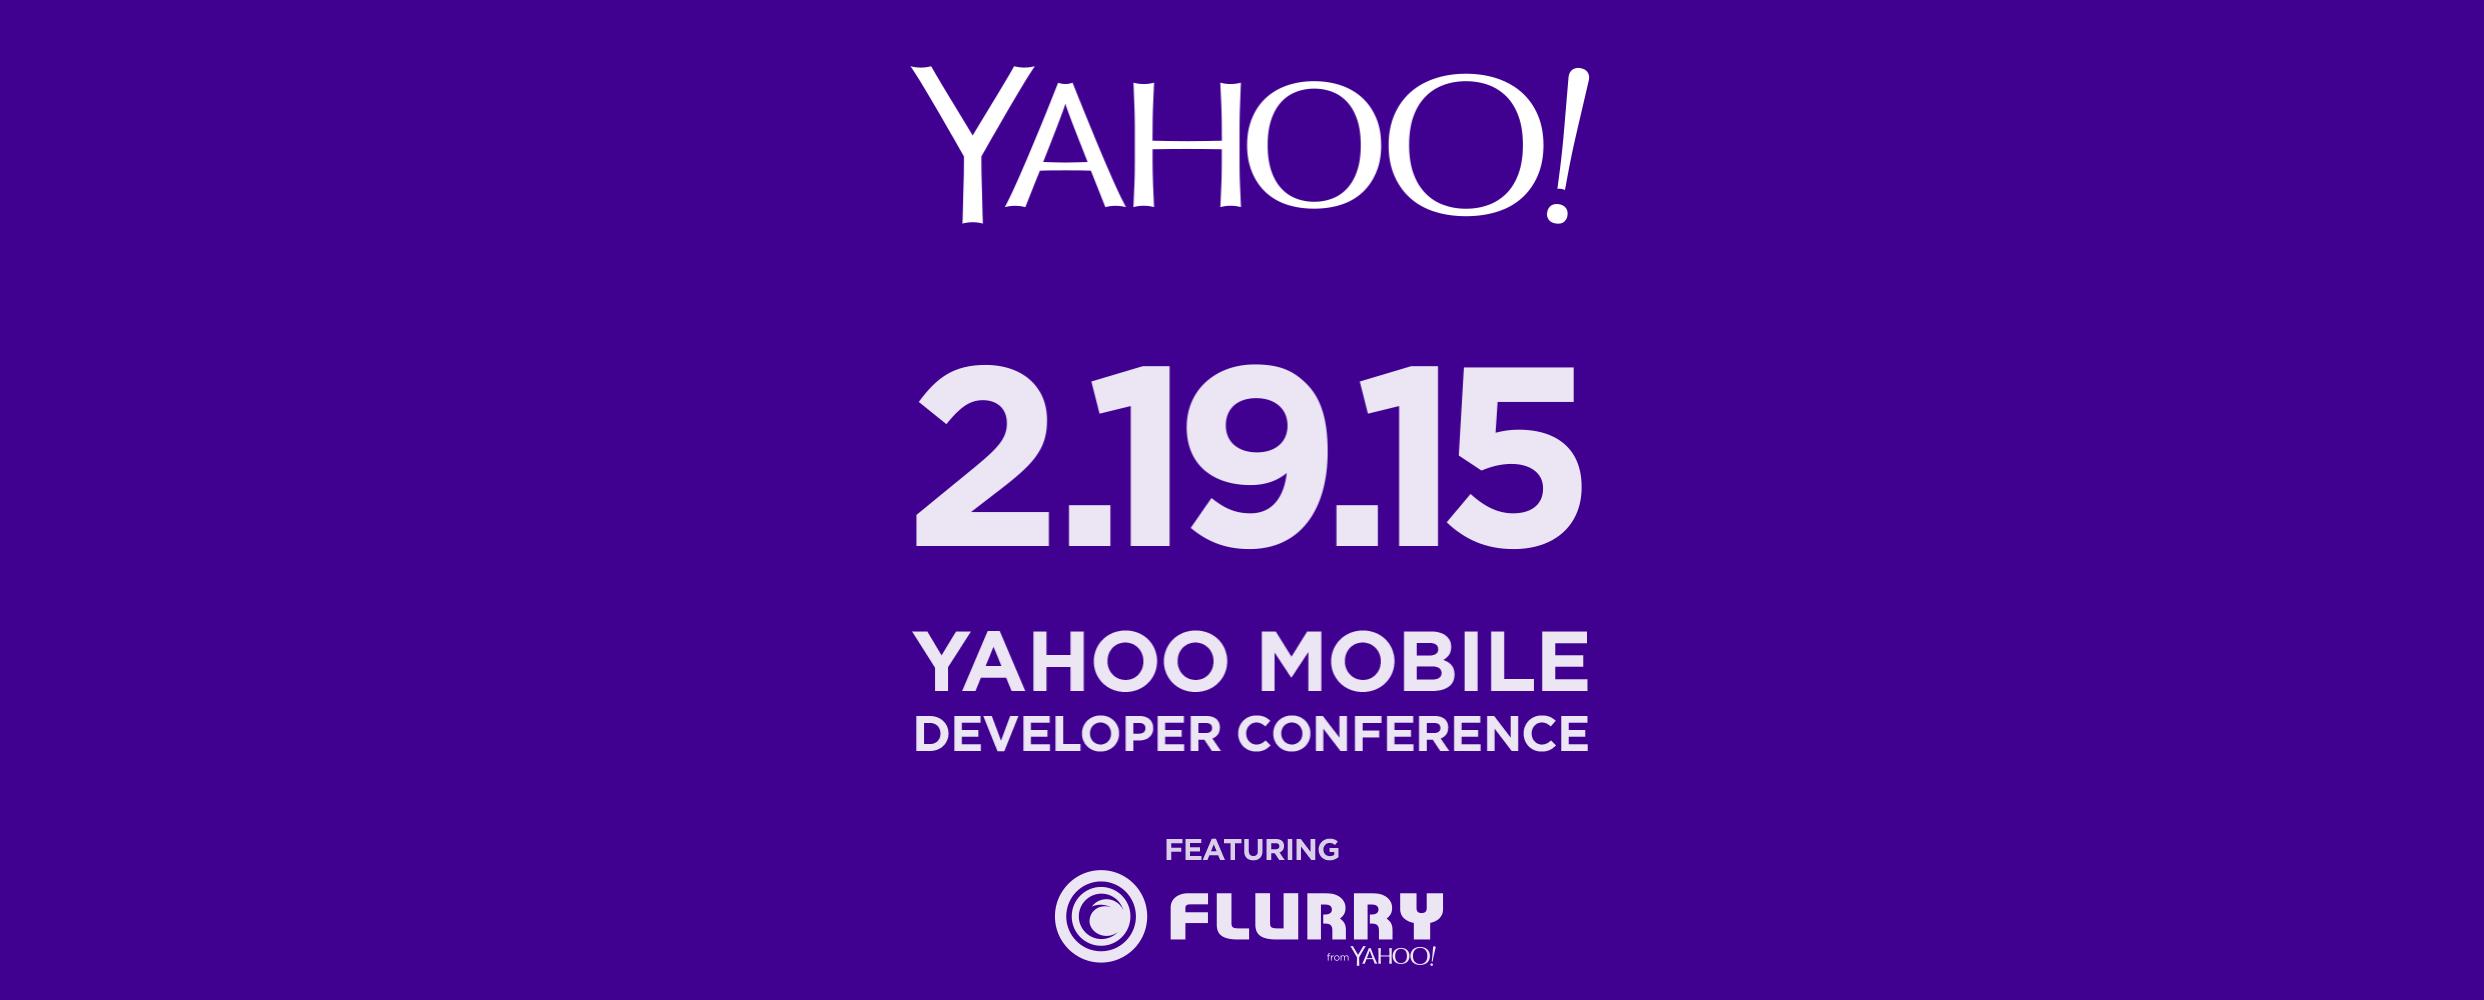 Yahoo-developer-conference